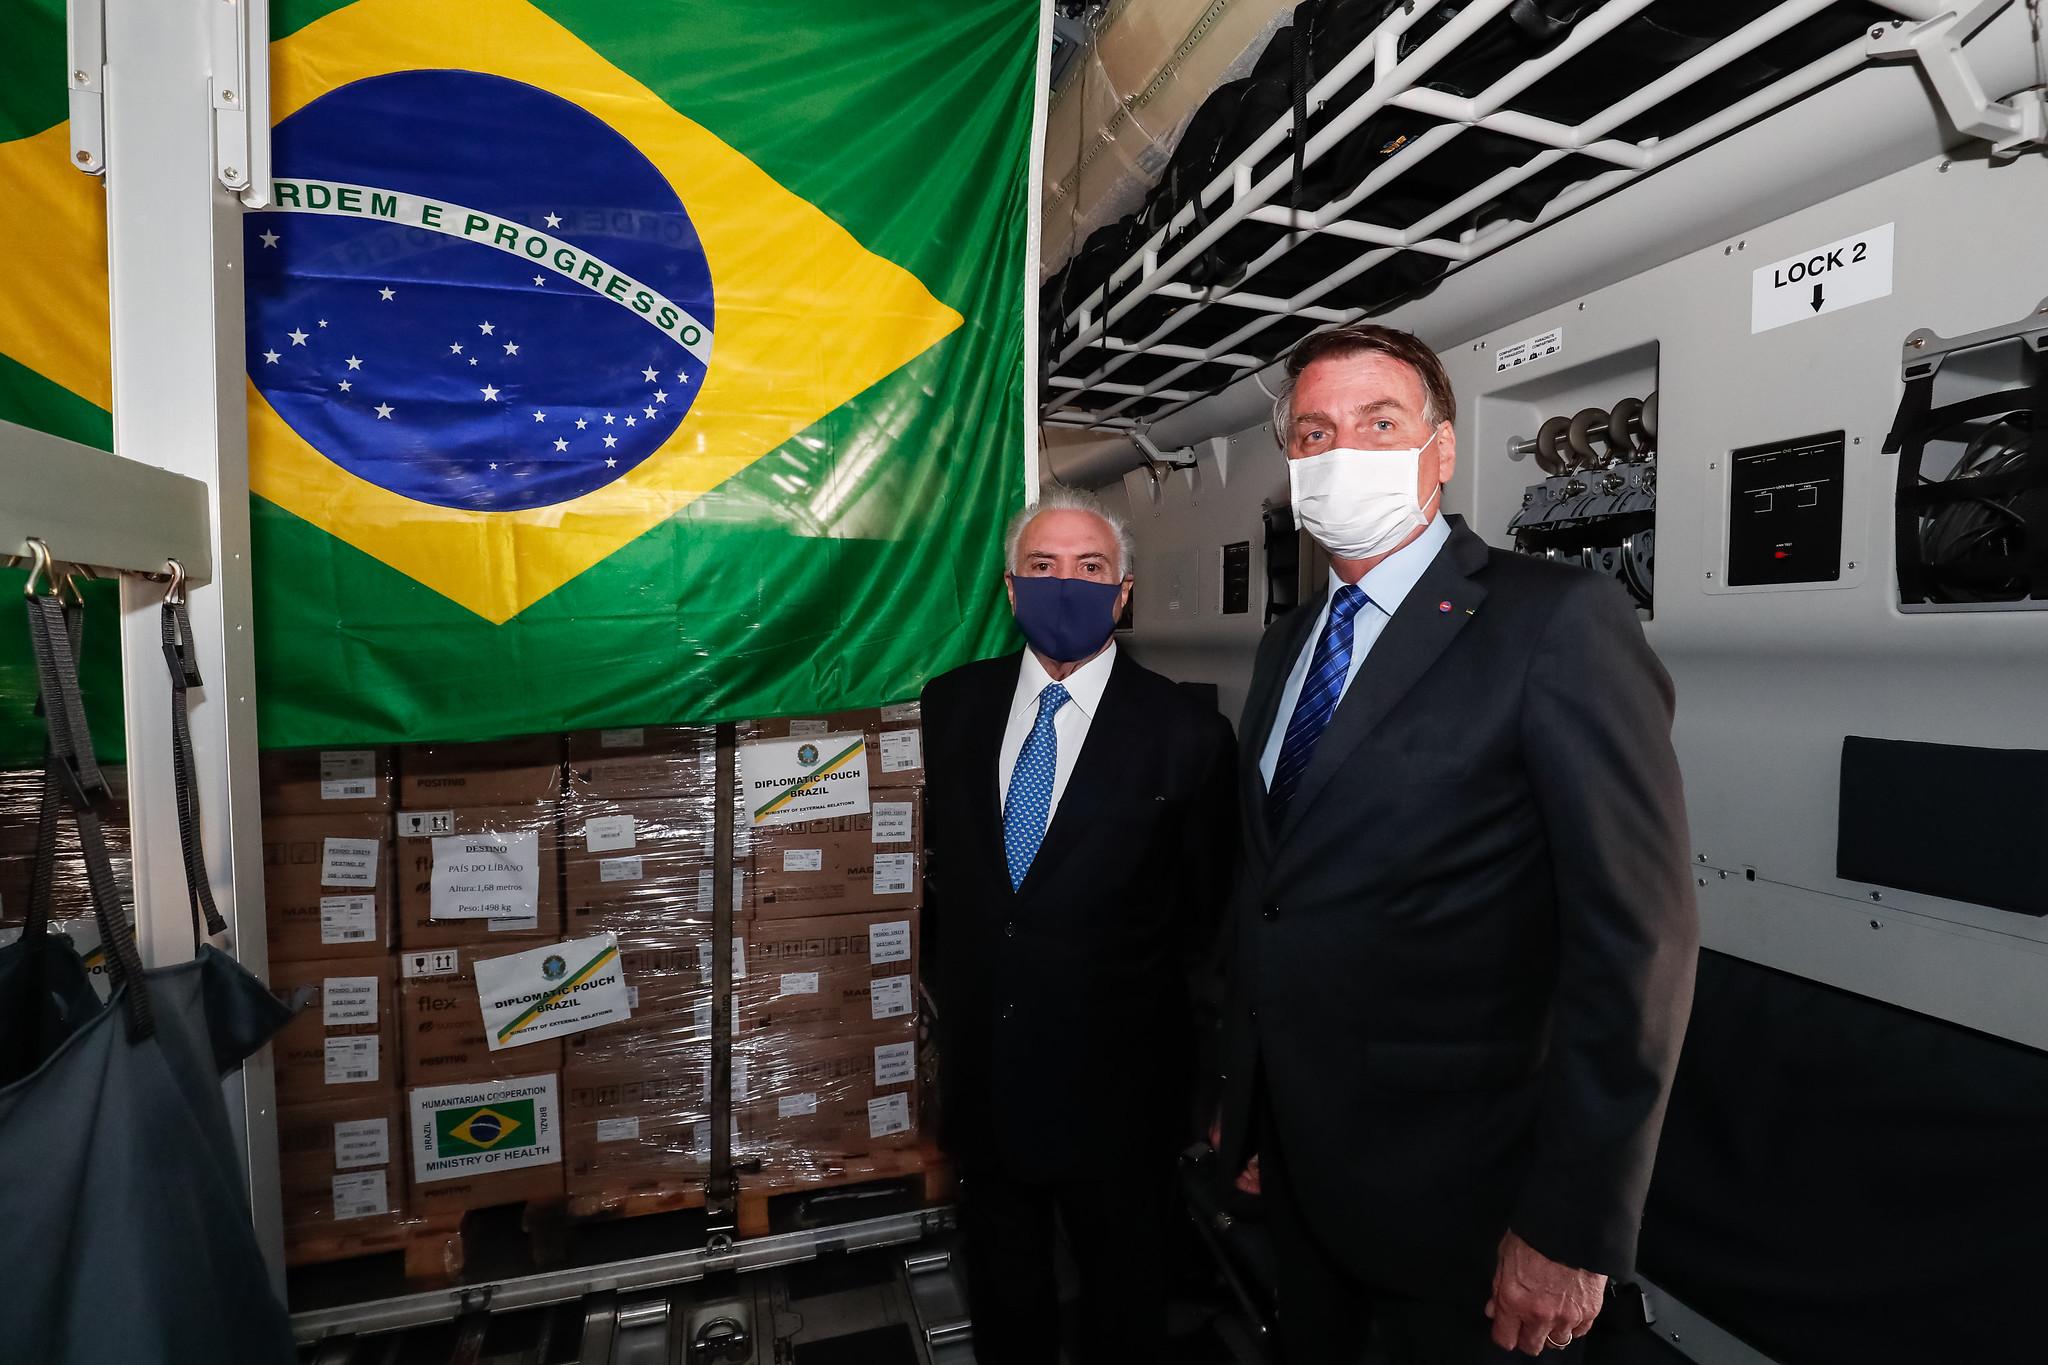 IMAGEM: Temer liga para Bolsonaro após imitação em jantar, diz jornal